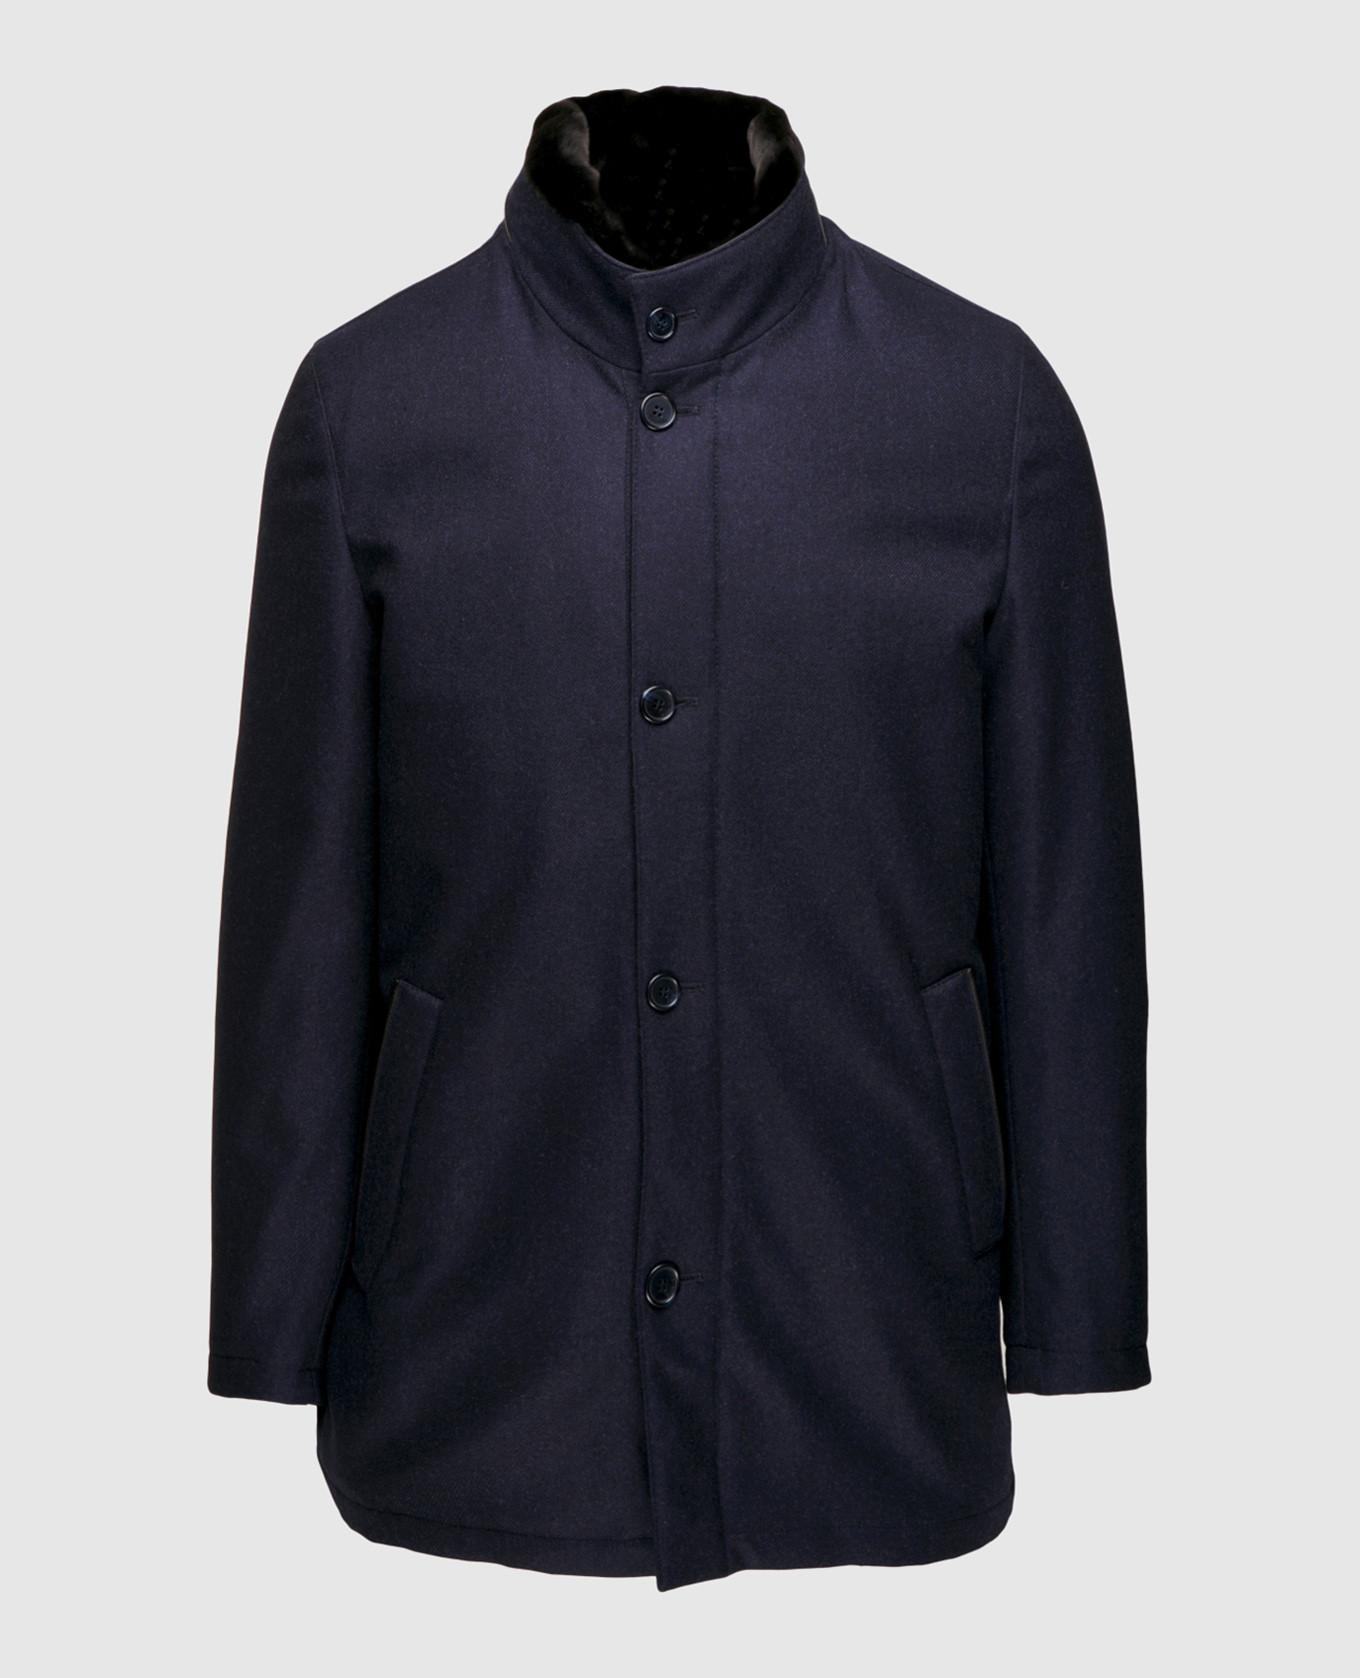 Синяя куртка из шерсти и кашемира на подкладке из меха нутрии